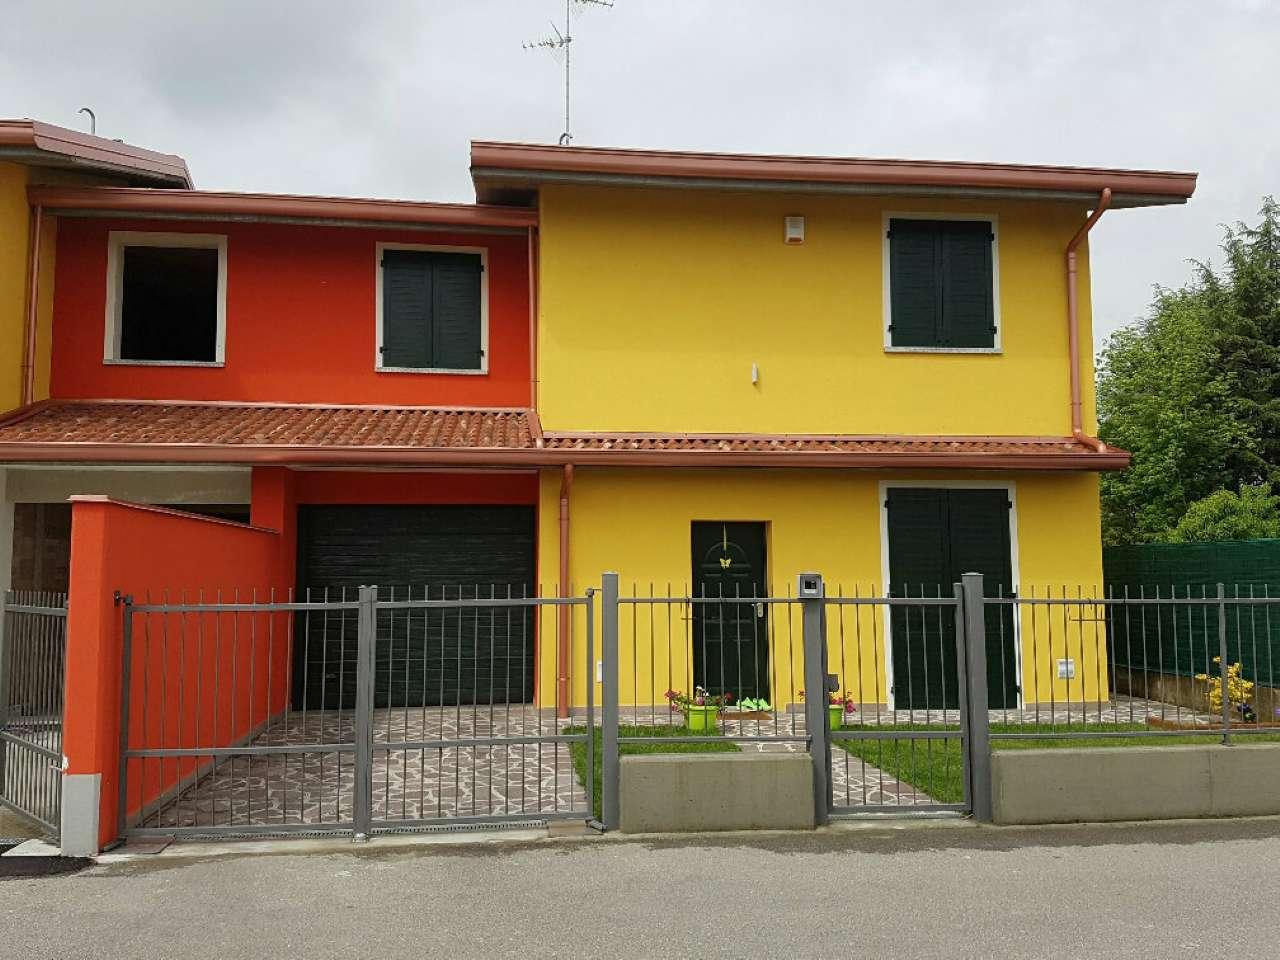 Villa in vendita a Pieranica, 4 locali, prezzo € 185.000 | CambioCasa.it